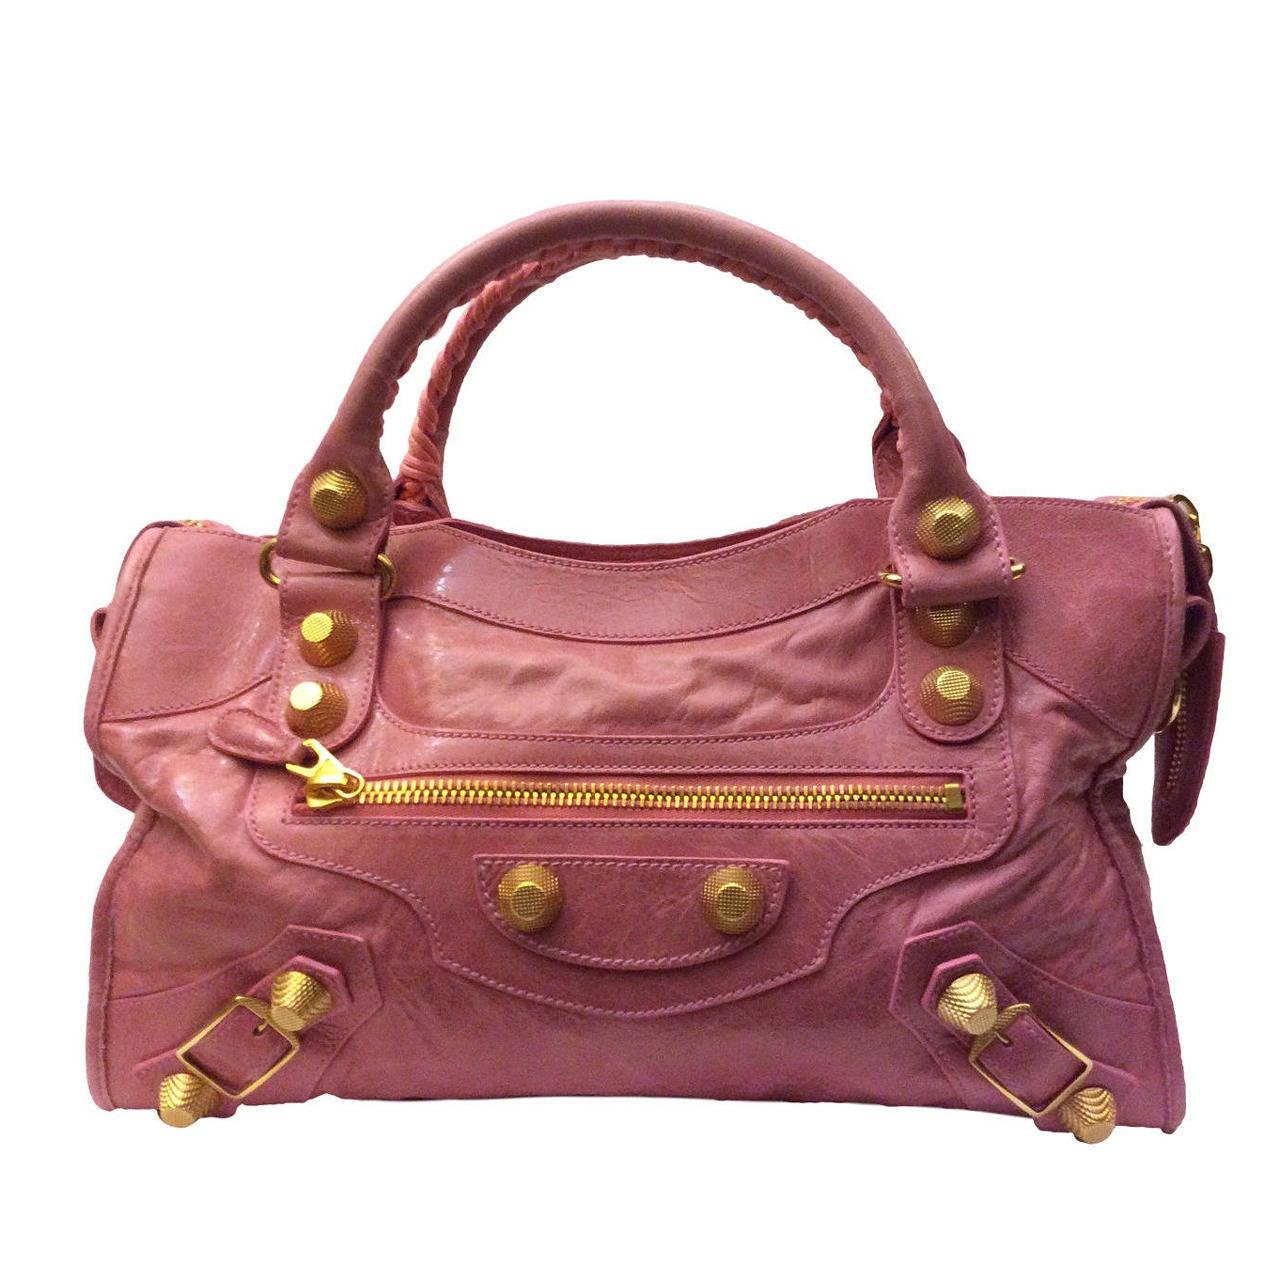 Balenciaga Rose Gold City.Balenciaga Gris Tarmac Lambskin Leather ... 5529c4cde927a